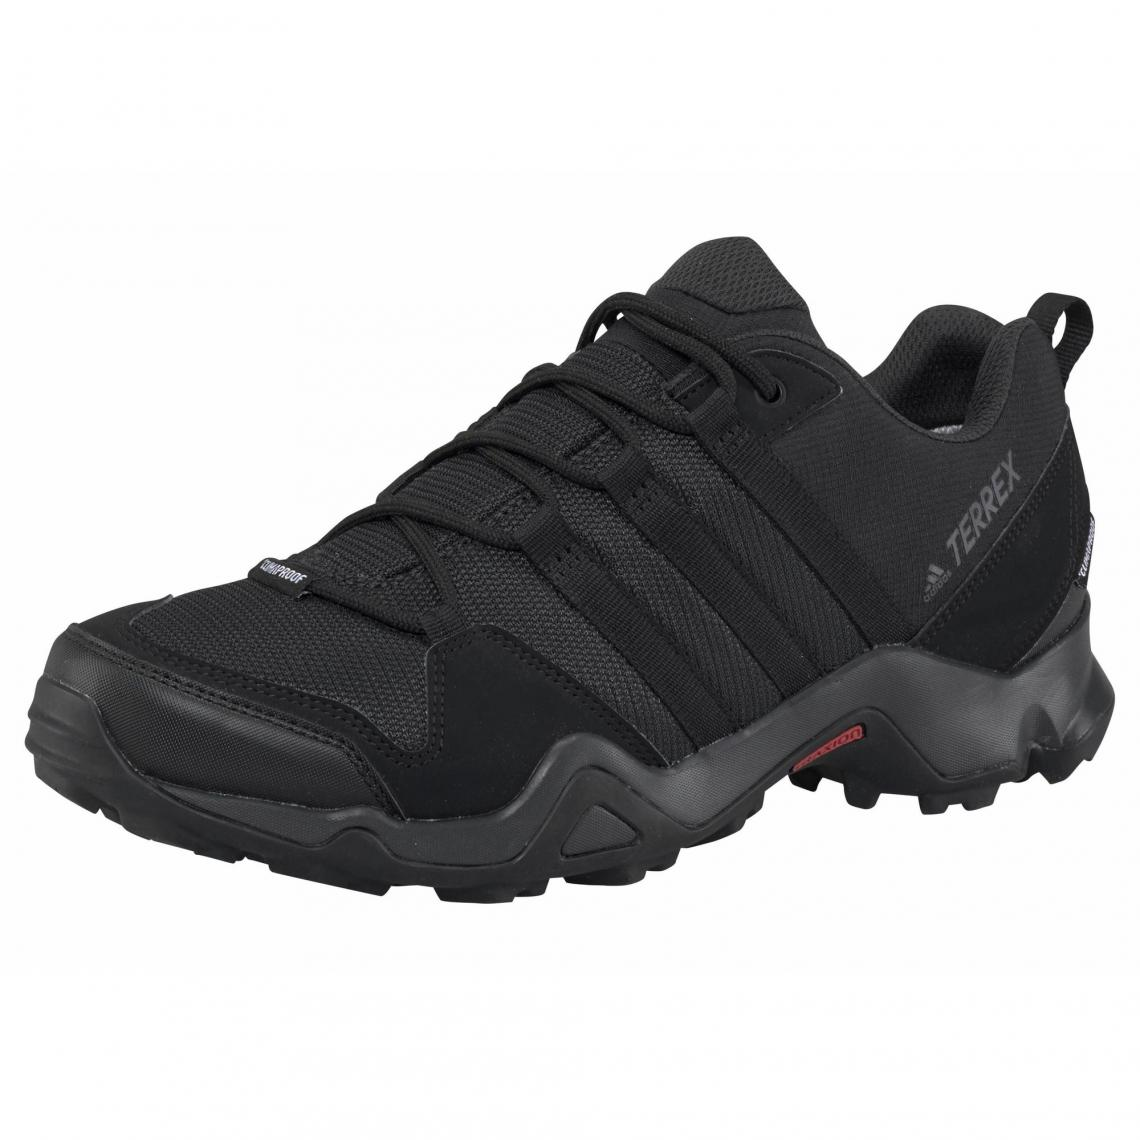 Chaussures de sport d'extérieur homme Terrex AX2 CP adidas Performance Noir 1 Avis Plus de détails